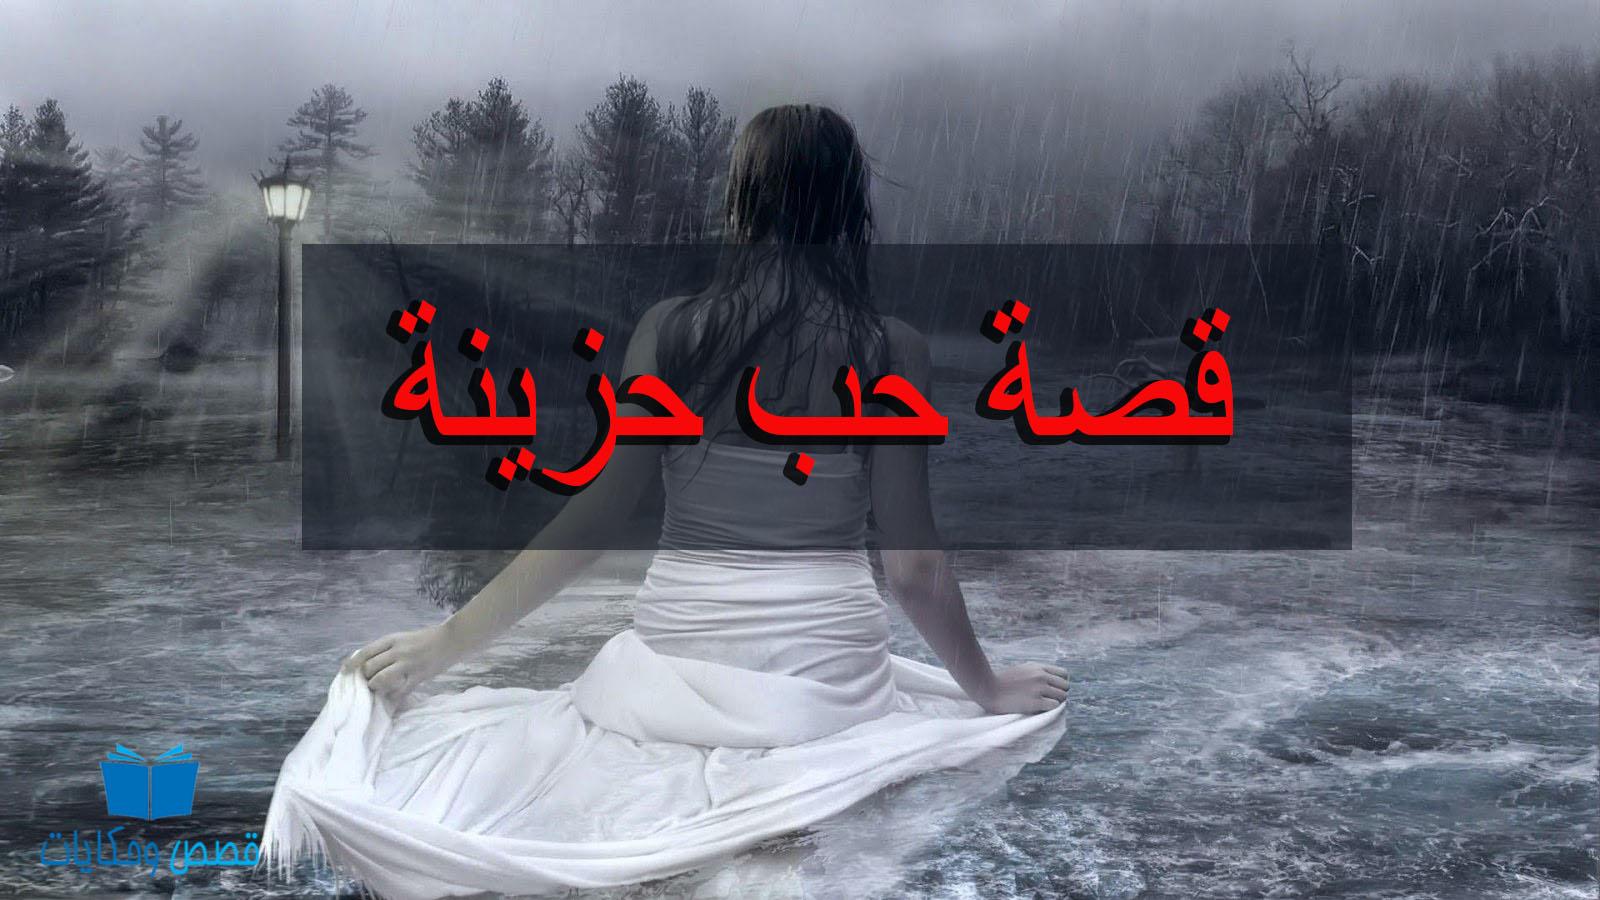 قصة حب حزينة مؤلمة تبكي الحجر